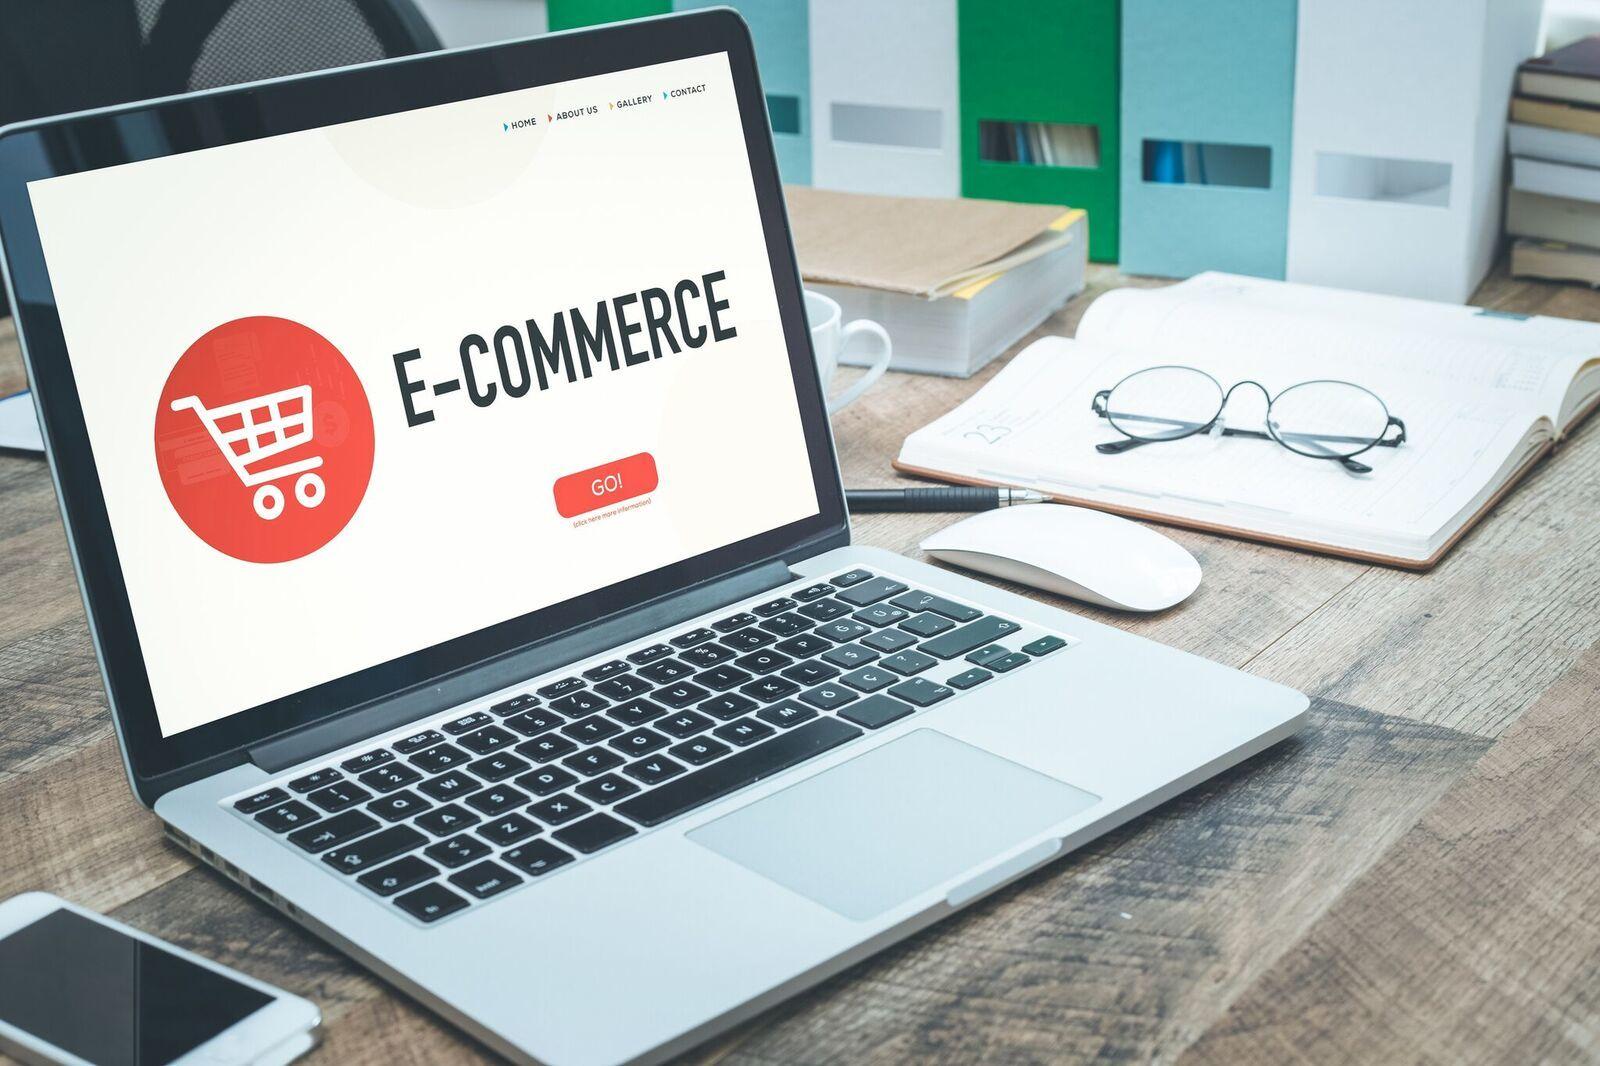 تعرف على التجارة الإلكترونية E-commerce وأهميتها في سوق العمل